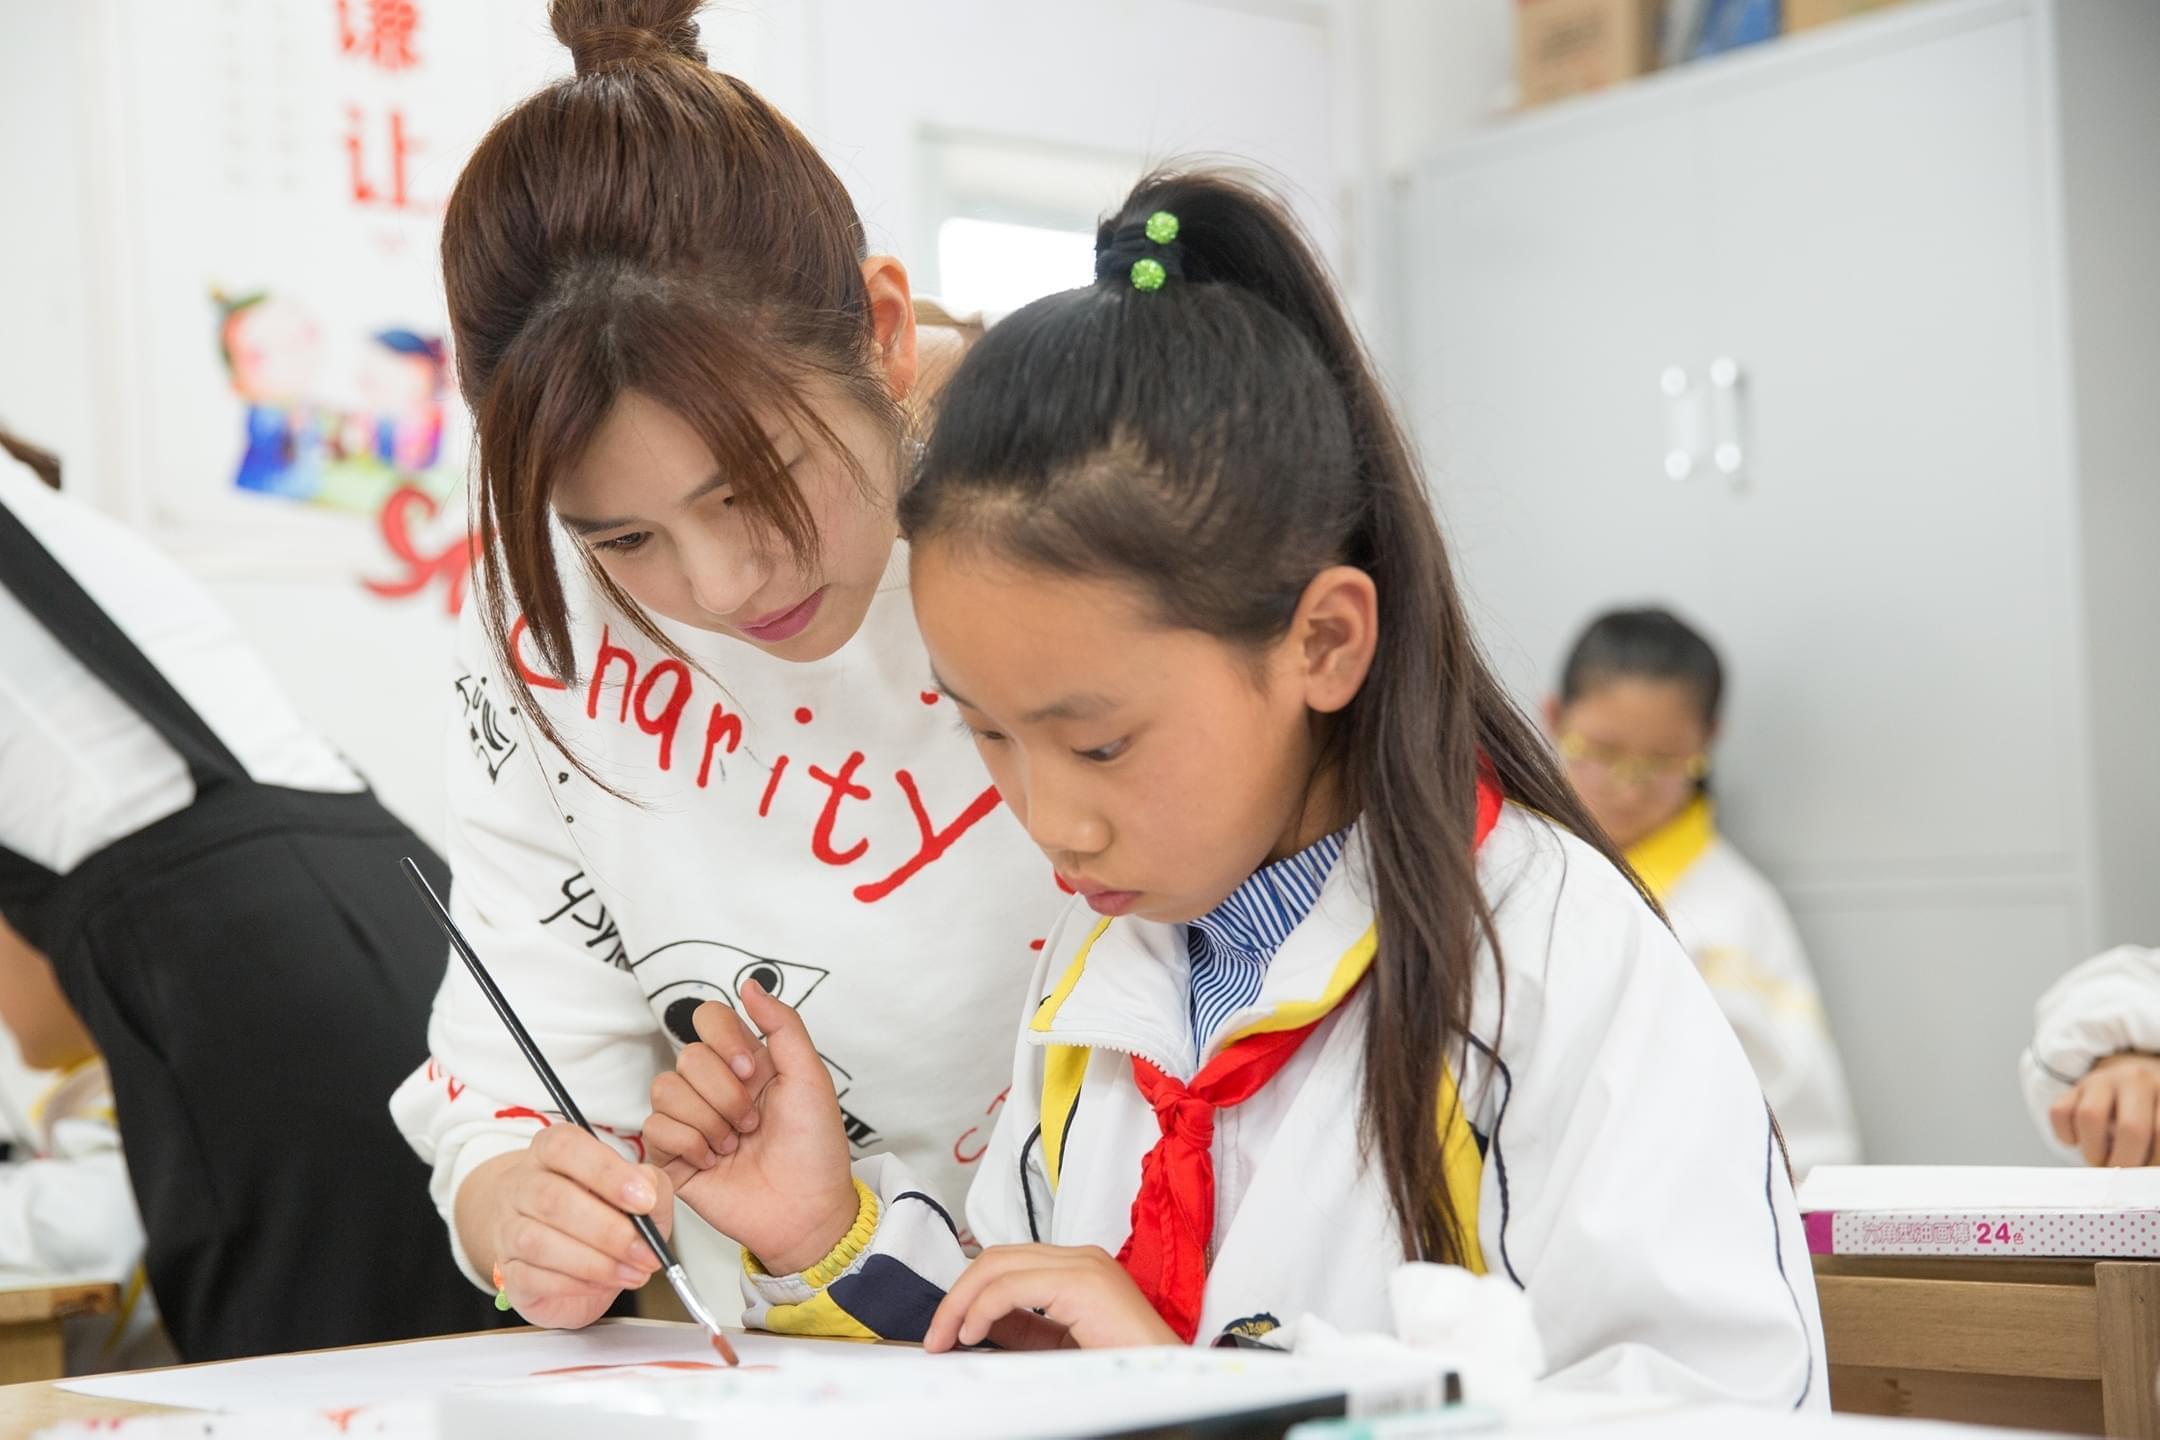 陈妍希探访贫困儿童 现场作画鼓励梦想自由飞翔